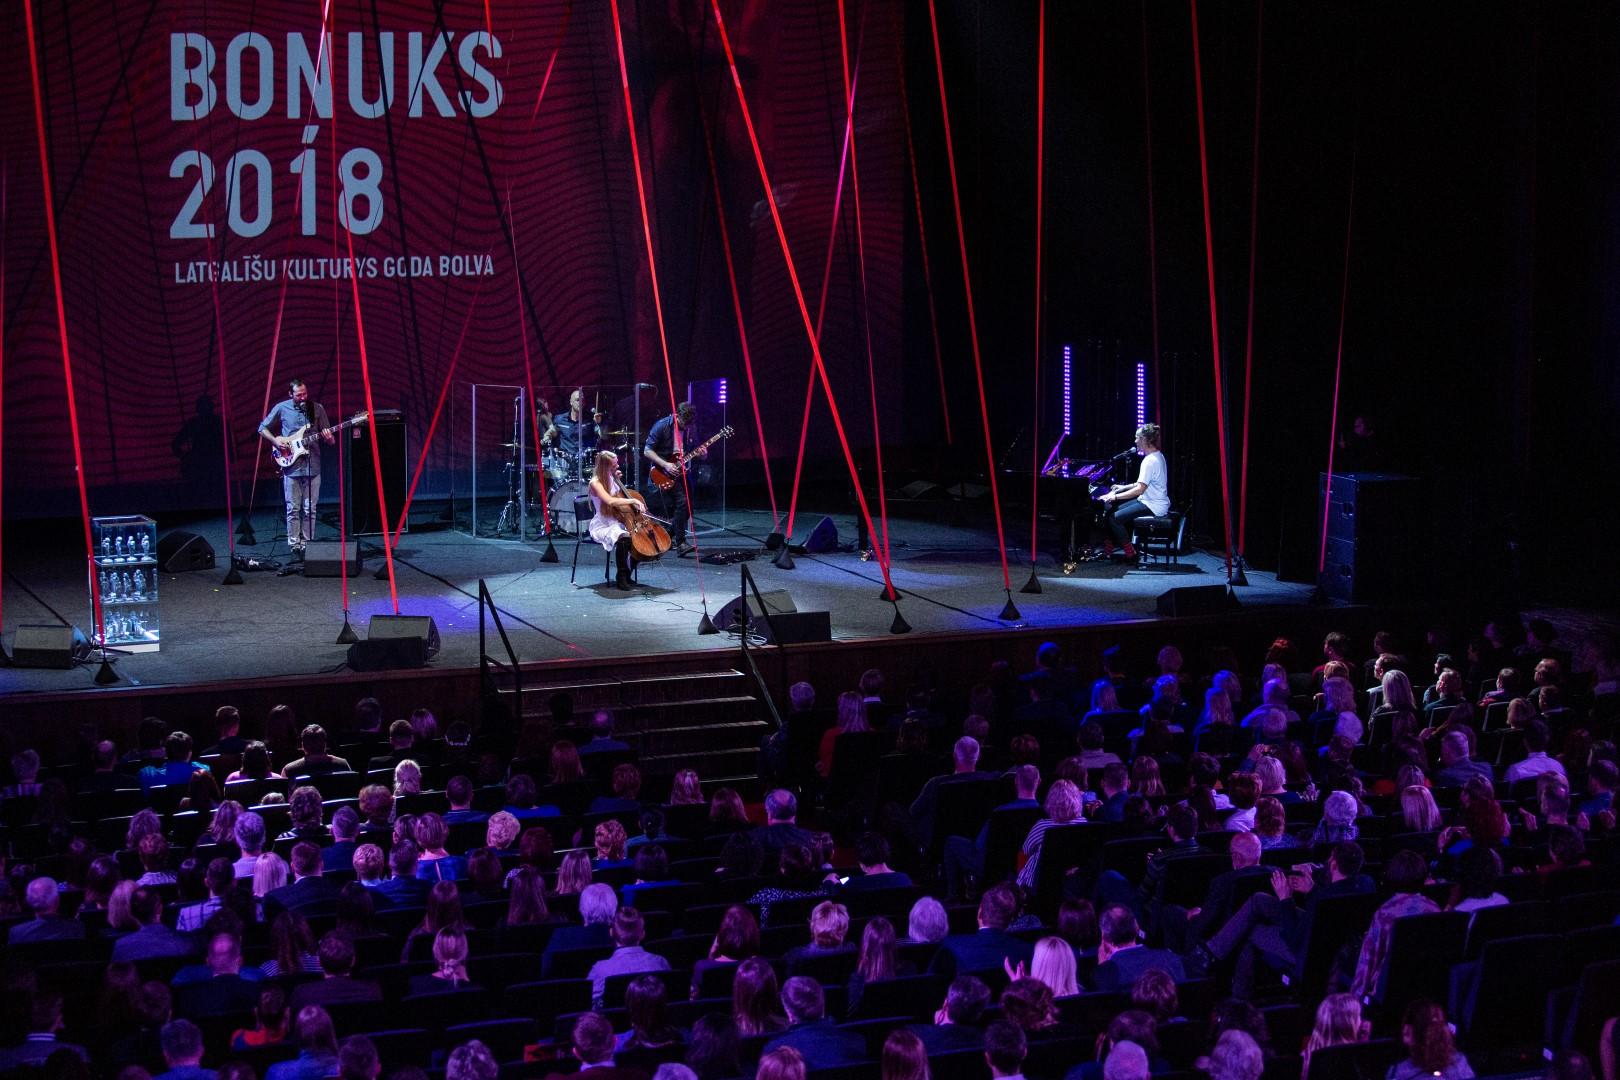 bonuks_2018_082